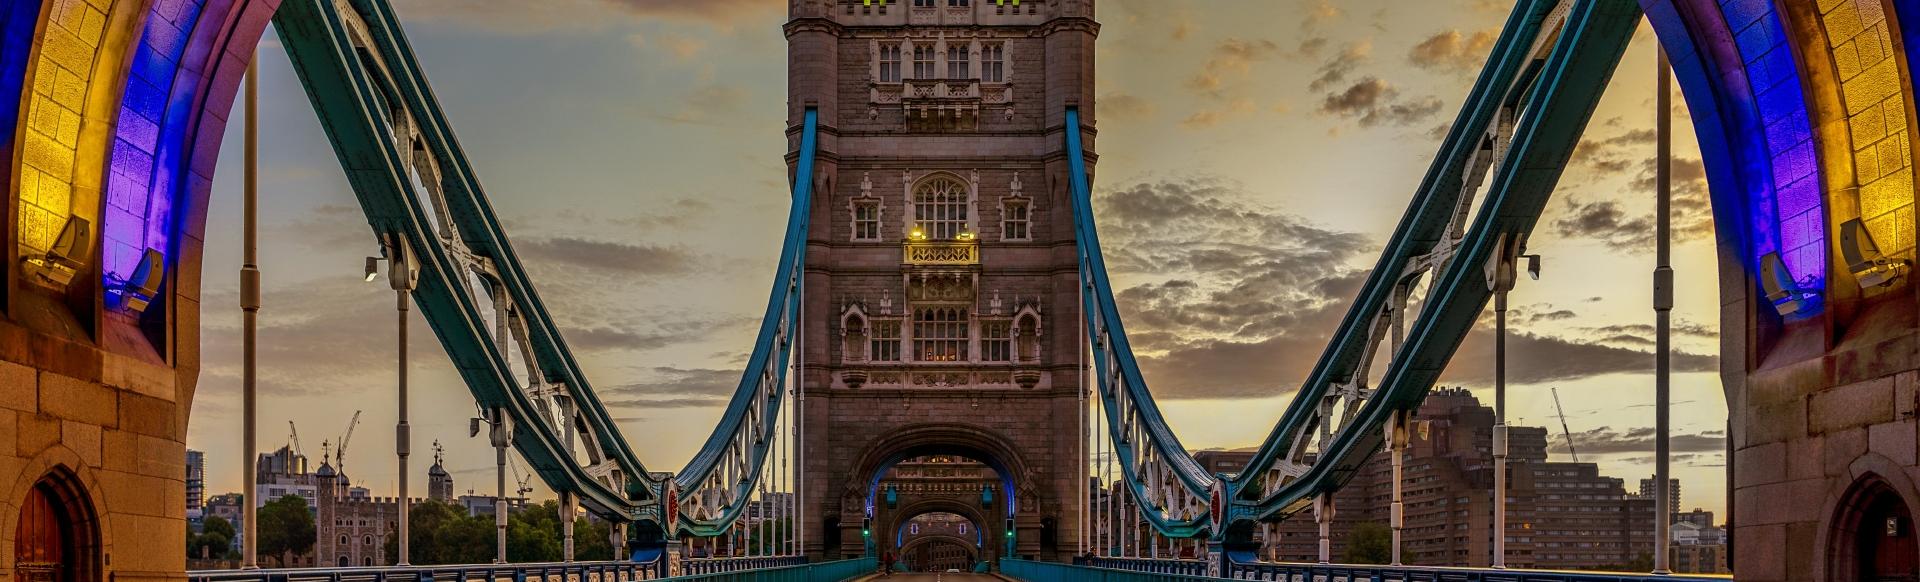 Tower Bridge at sunset time